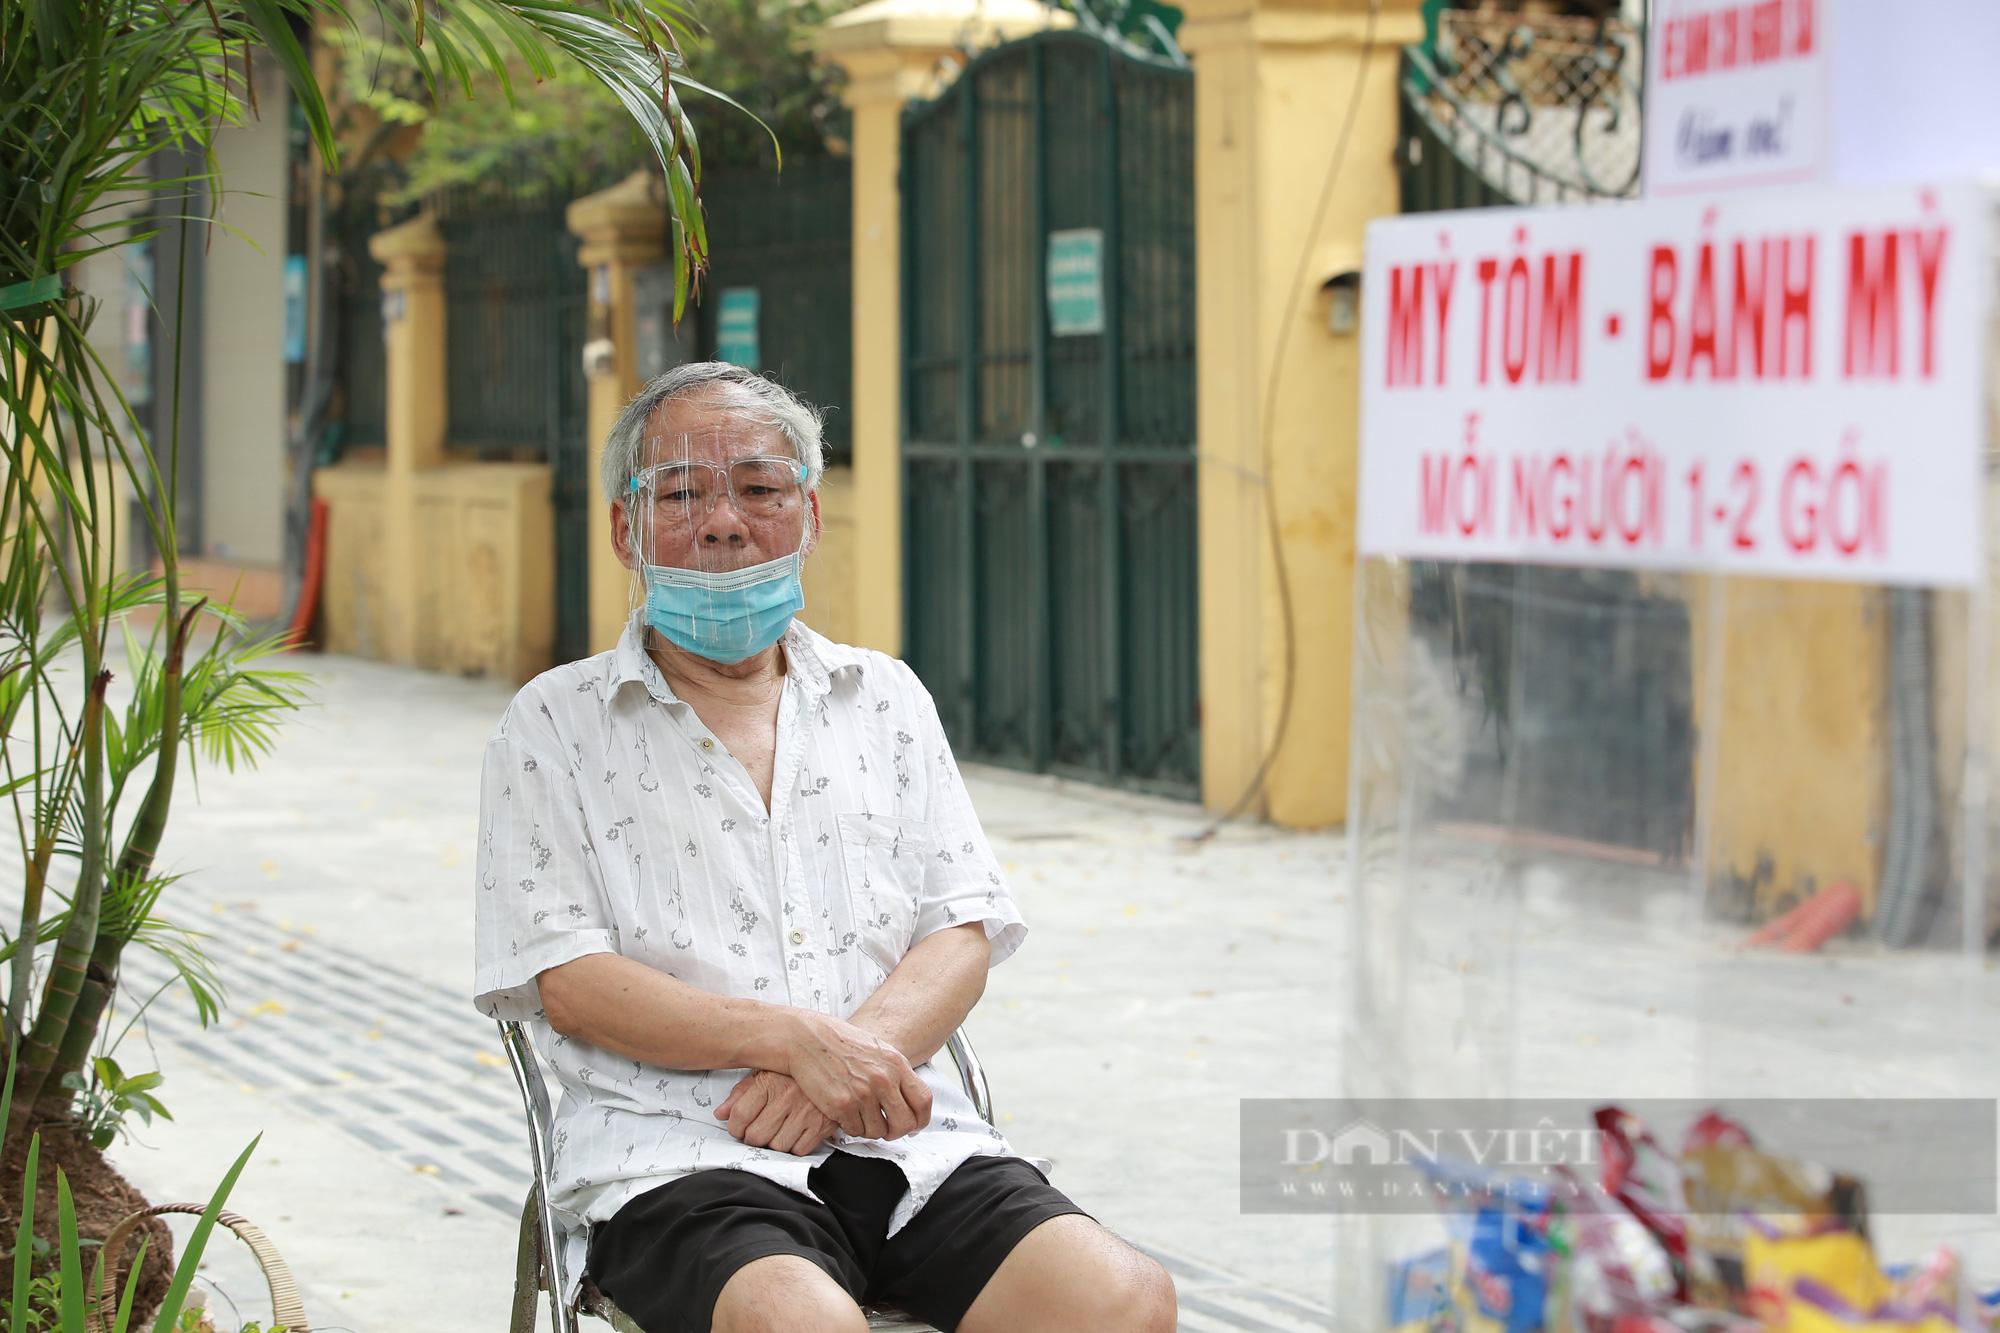 Ấm lòng tủ mì tôm, nước lọc miễn phí cho người khó khăn bên hè phố Hà Nội - Ảnh 3.